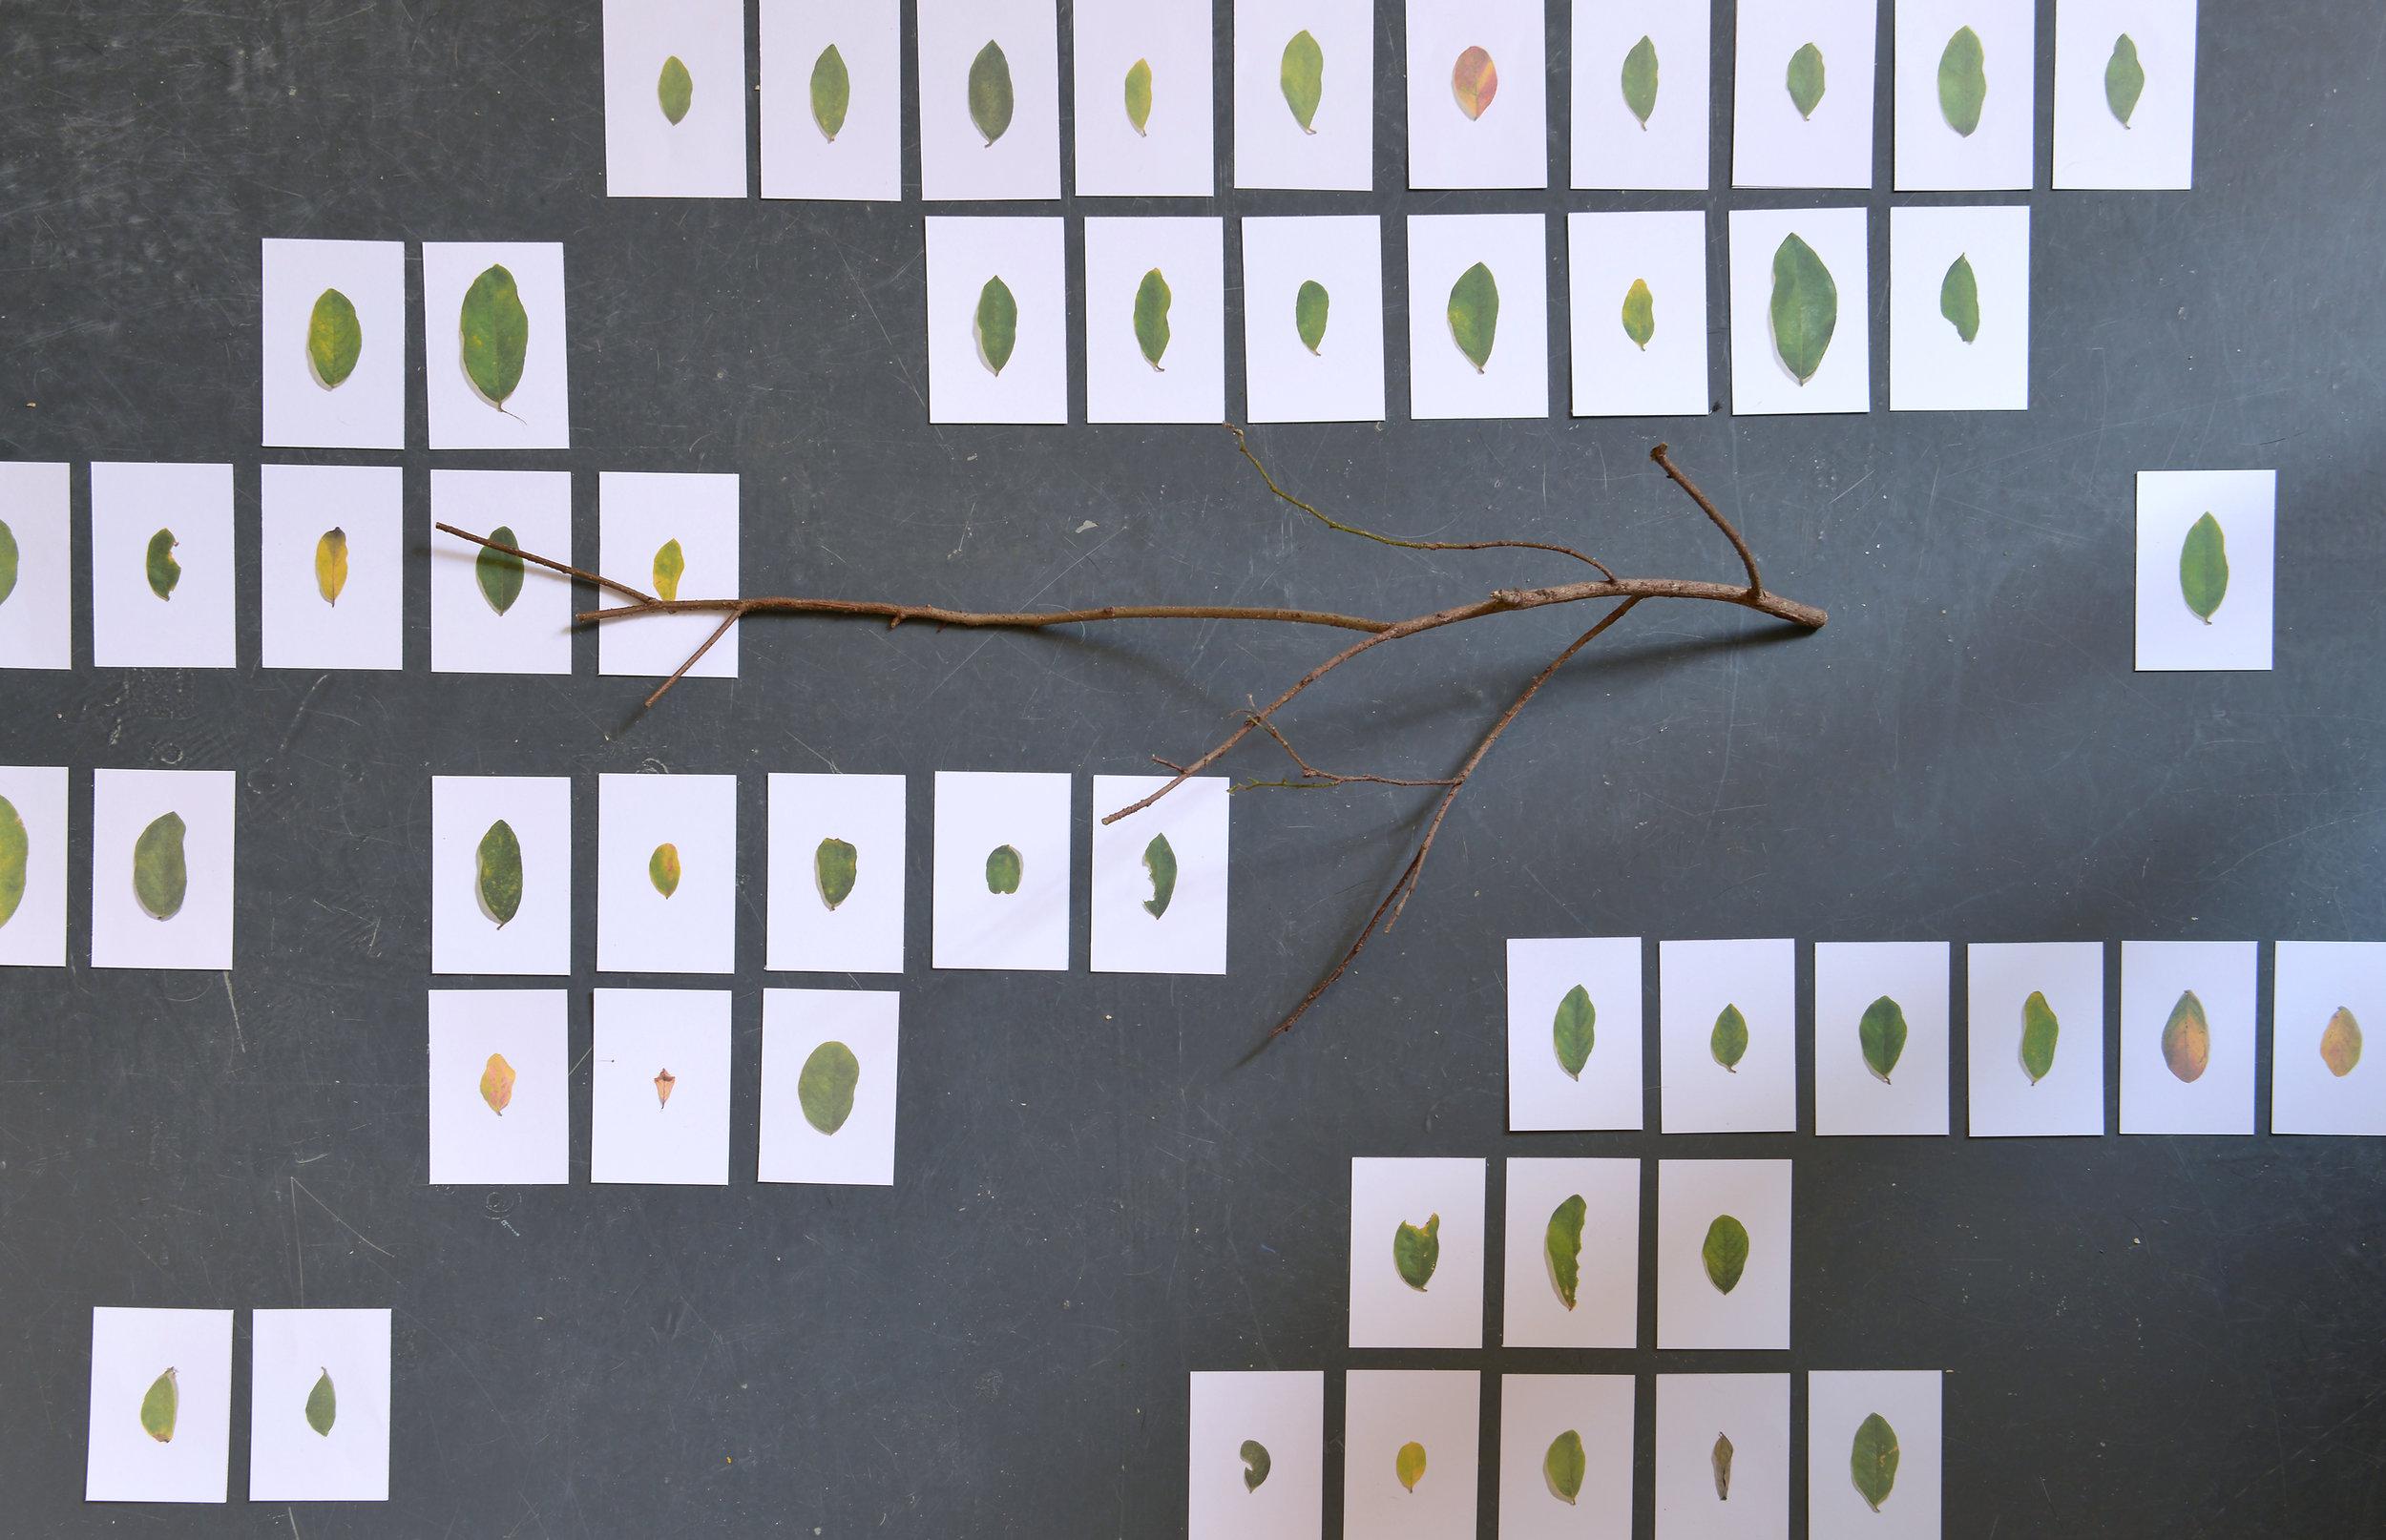 黄永生,《记住一棵树》 ,选自《刺眼的黑色》系列,2018年。无酸纸艺术微喷,树枝,尺寸可变。图片由艺术家提供。